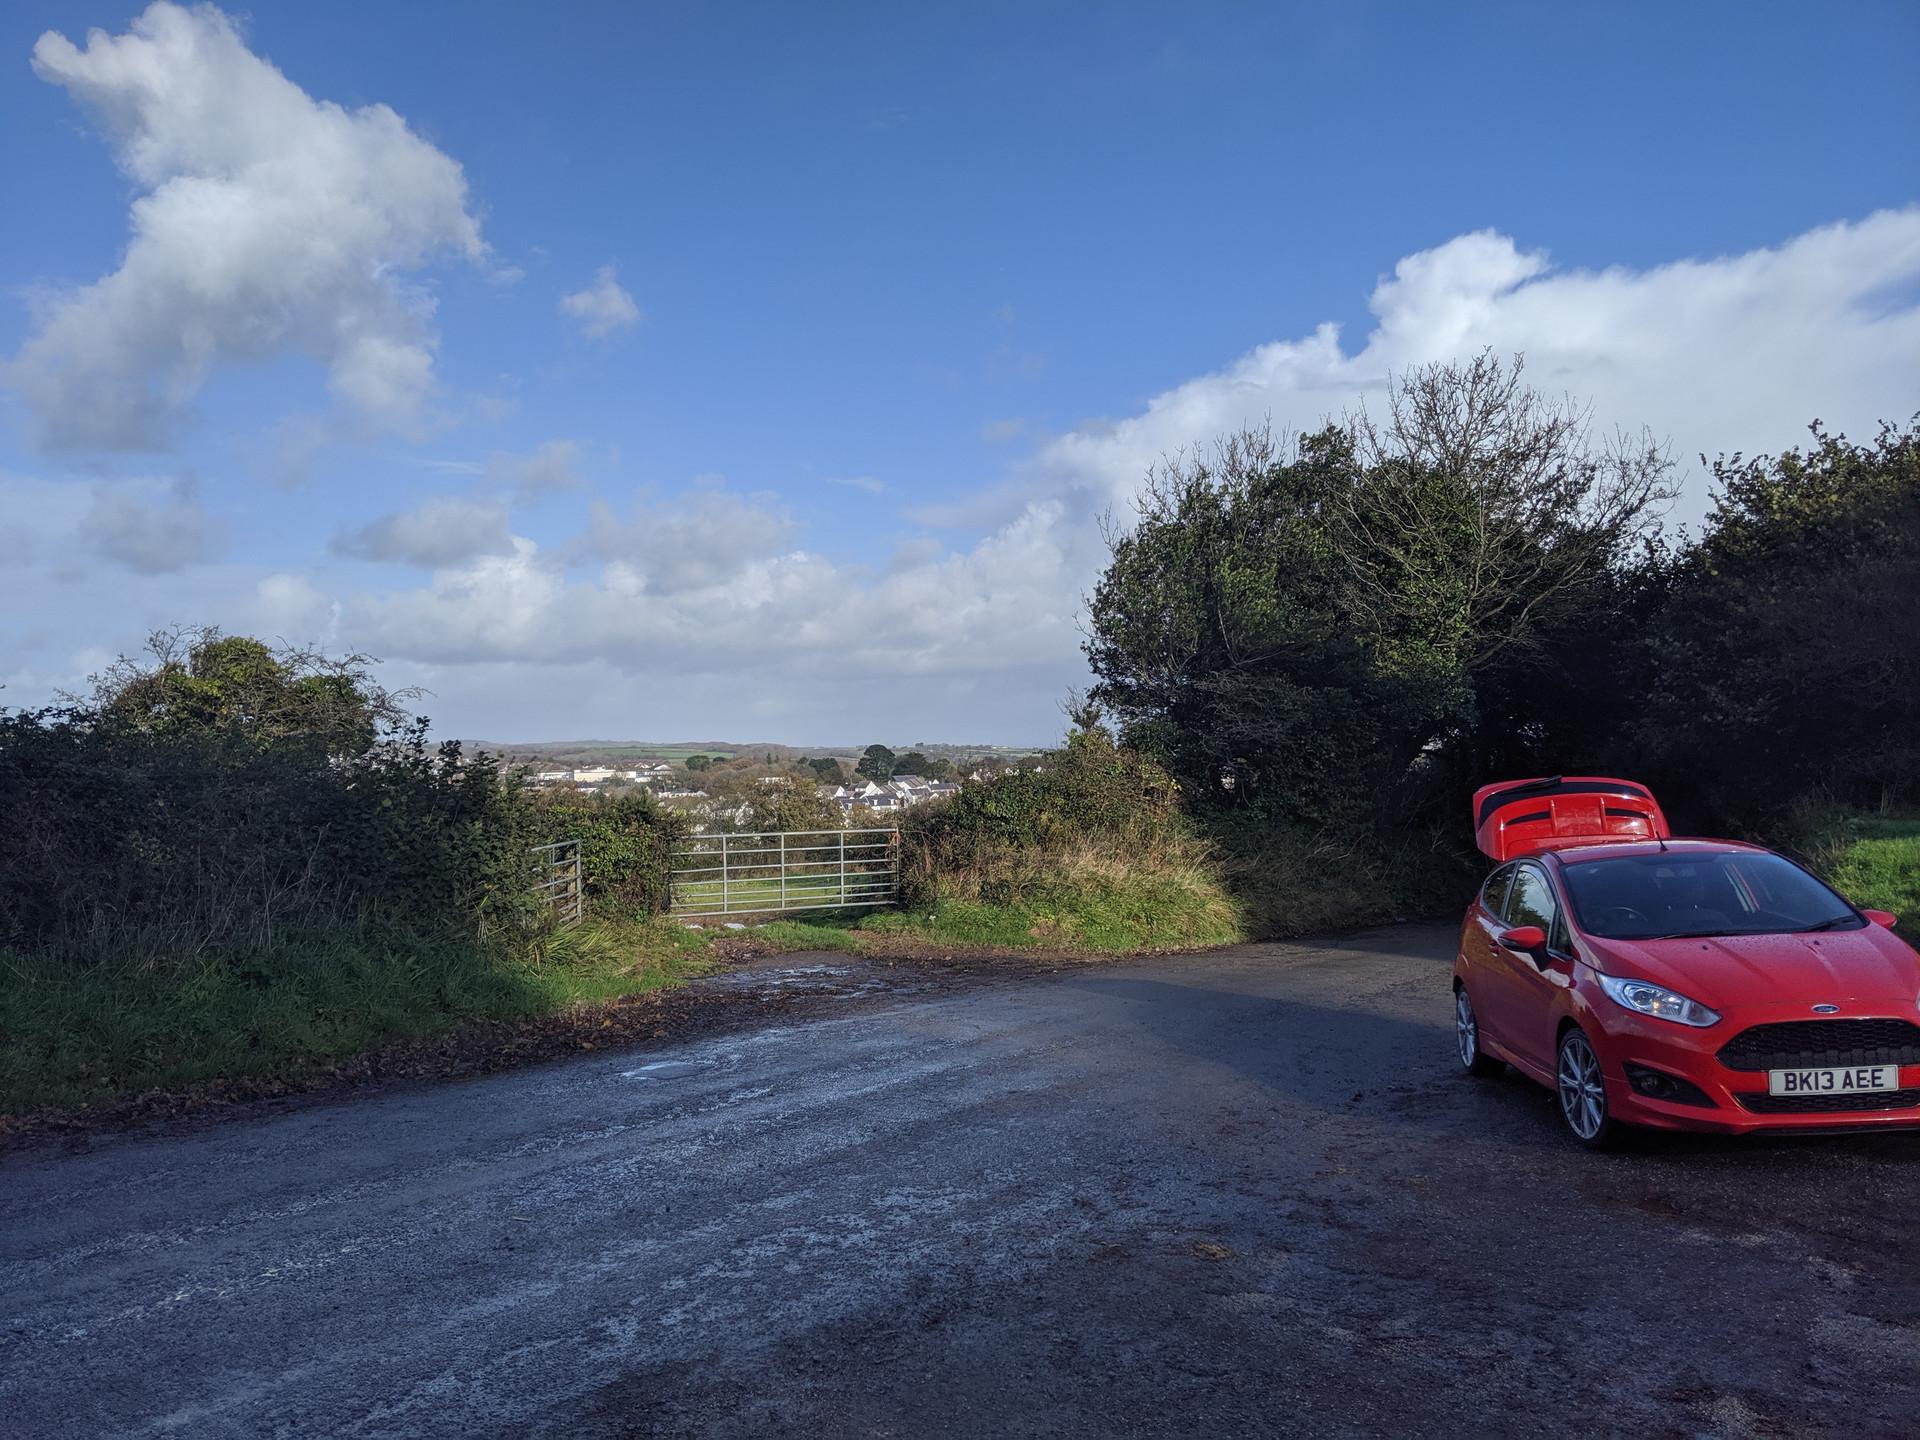 Pixel 3 XL test image back lane with Fiesta